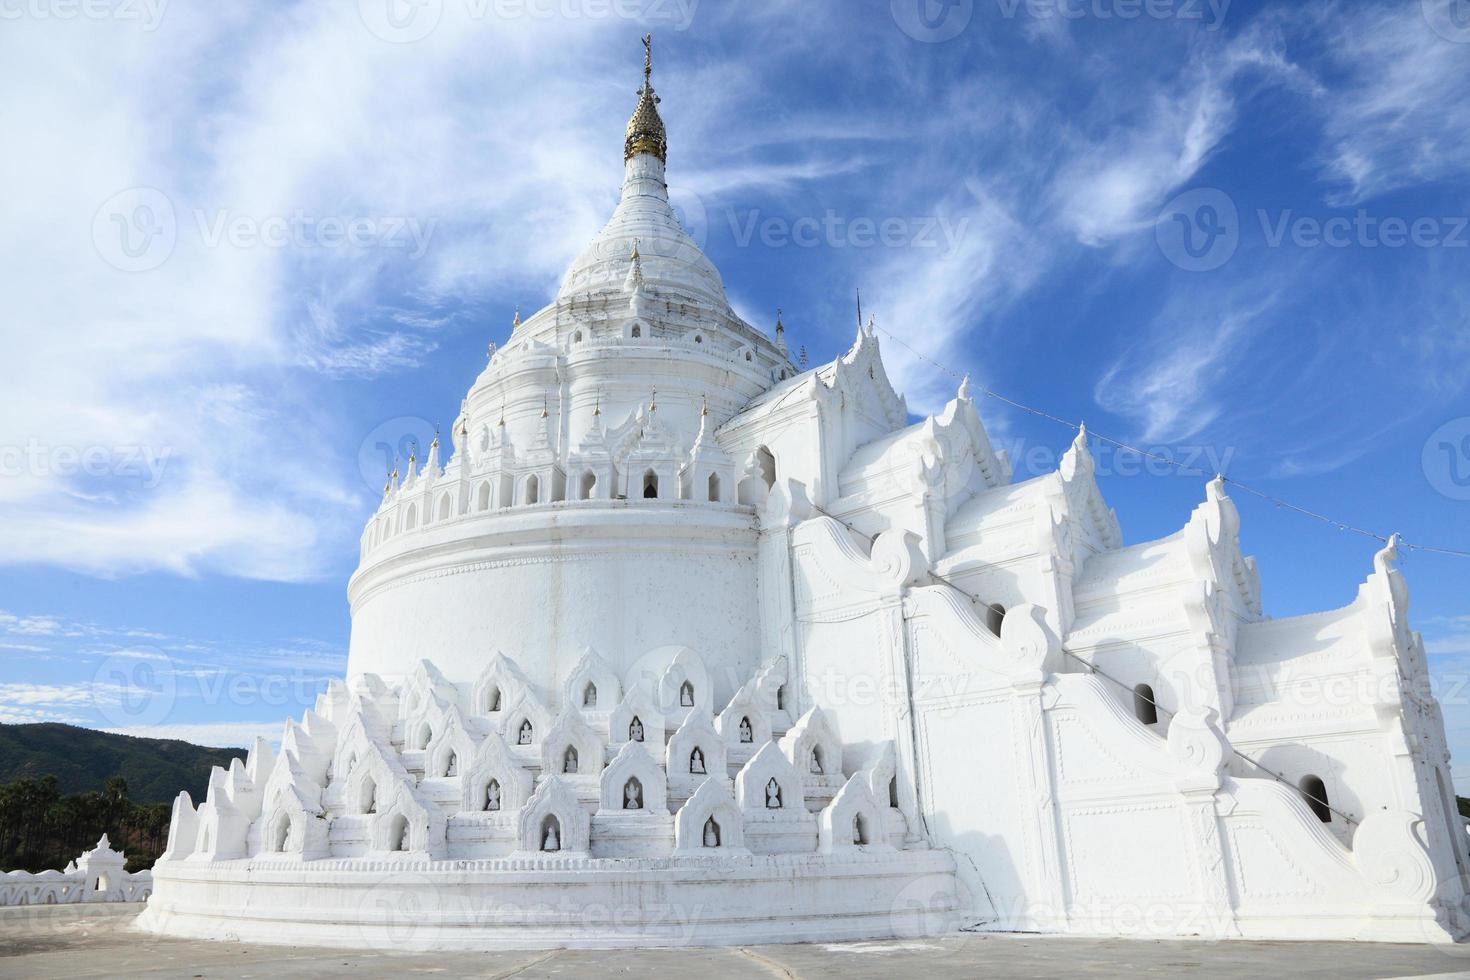 The white pagoda Mingun, Mandalay - Myanmar photo